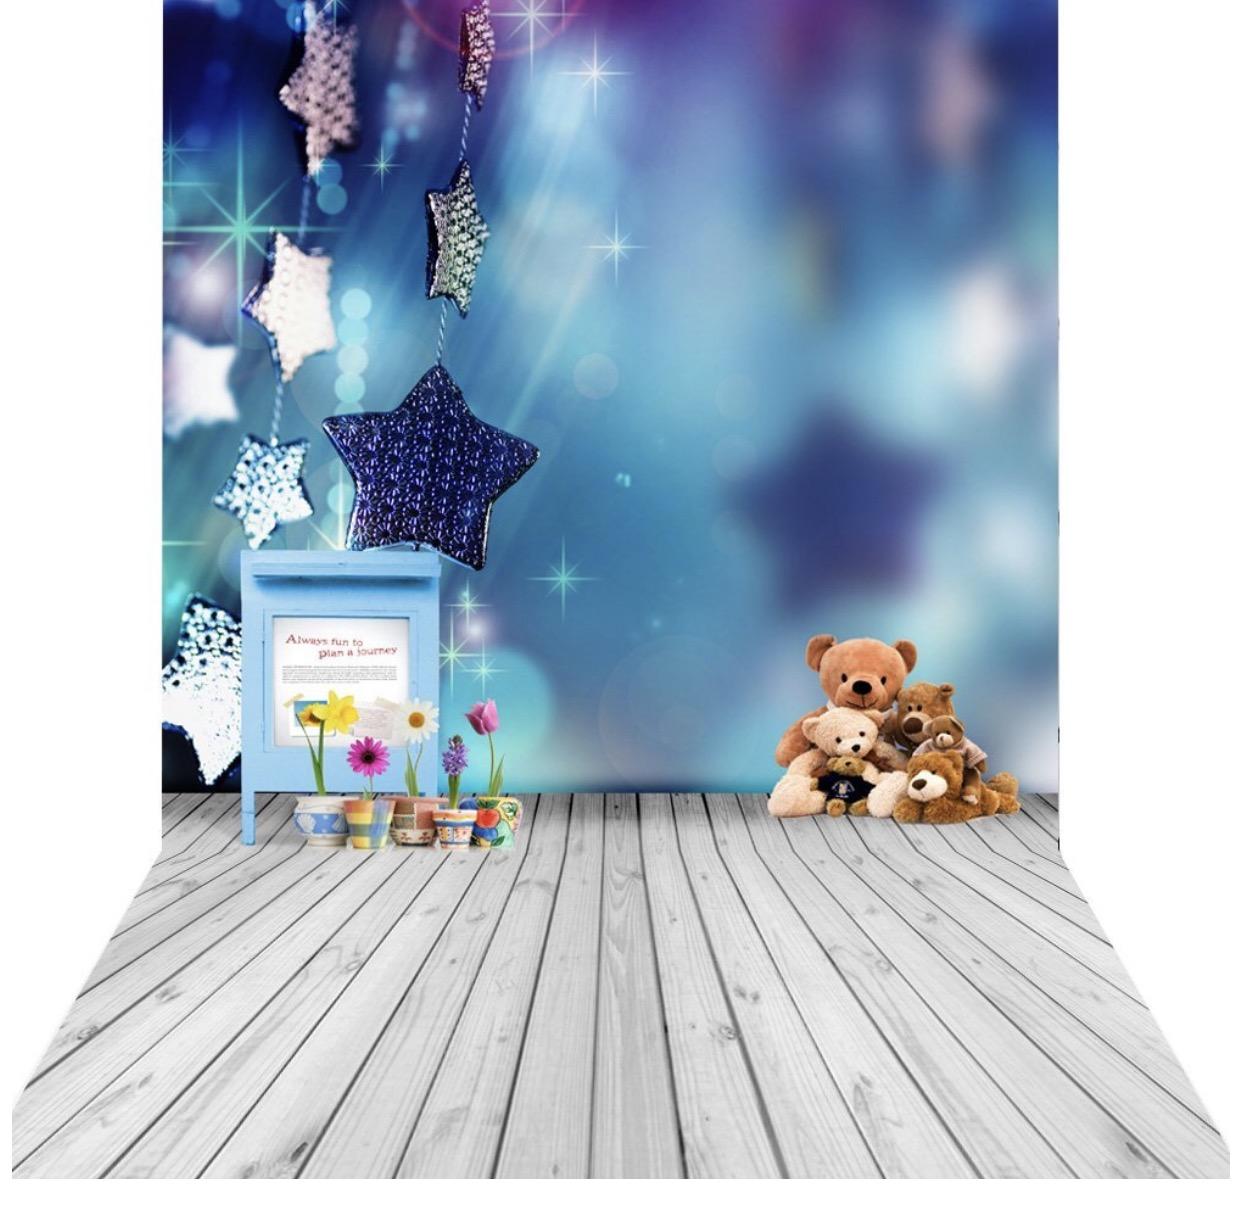 fotobox hamburg mieten mit hintergrund fotobox hamburg. Black Bedroom Furniture Sets. Home Design Ideas